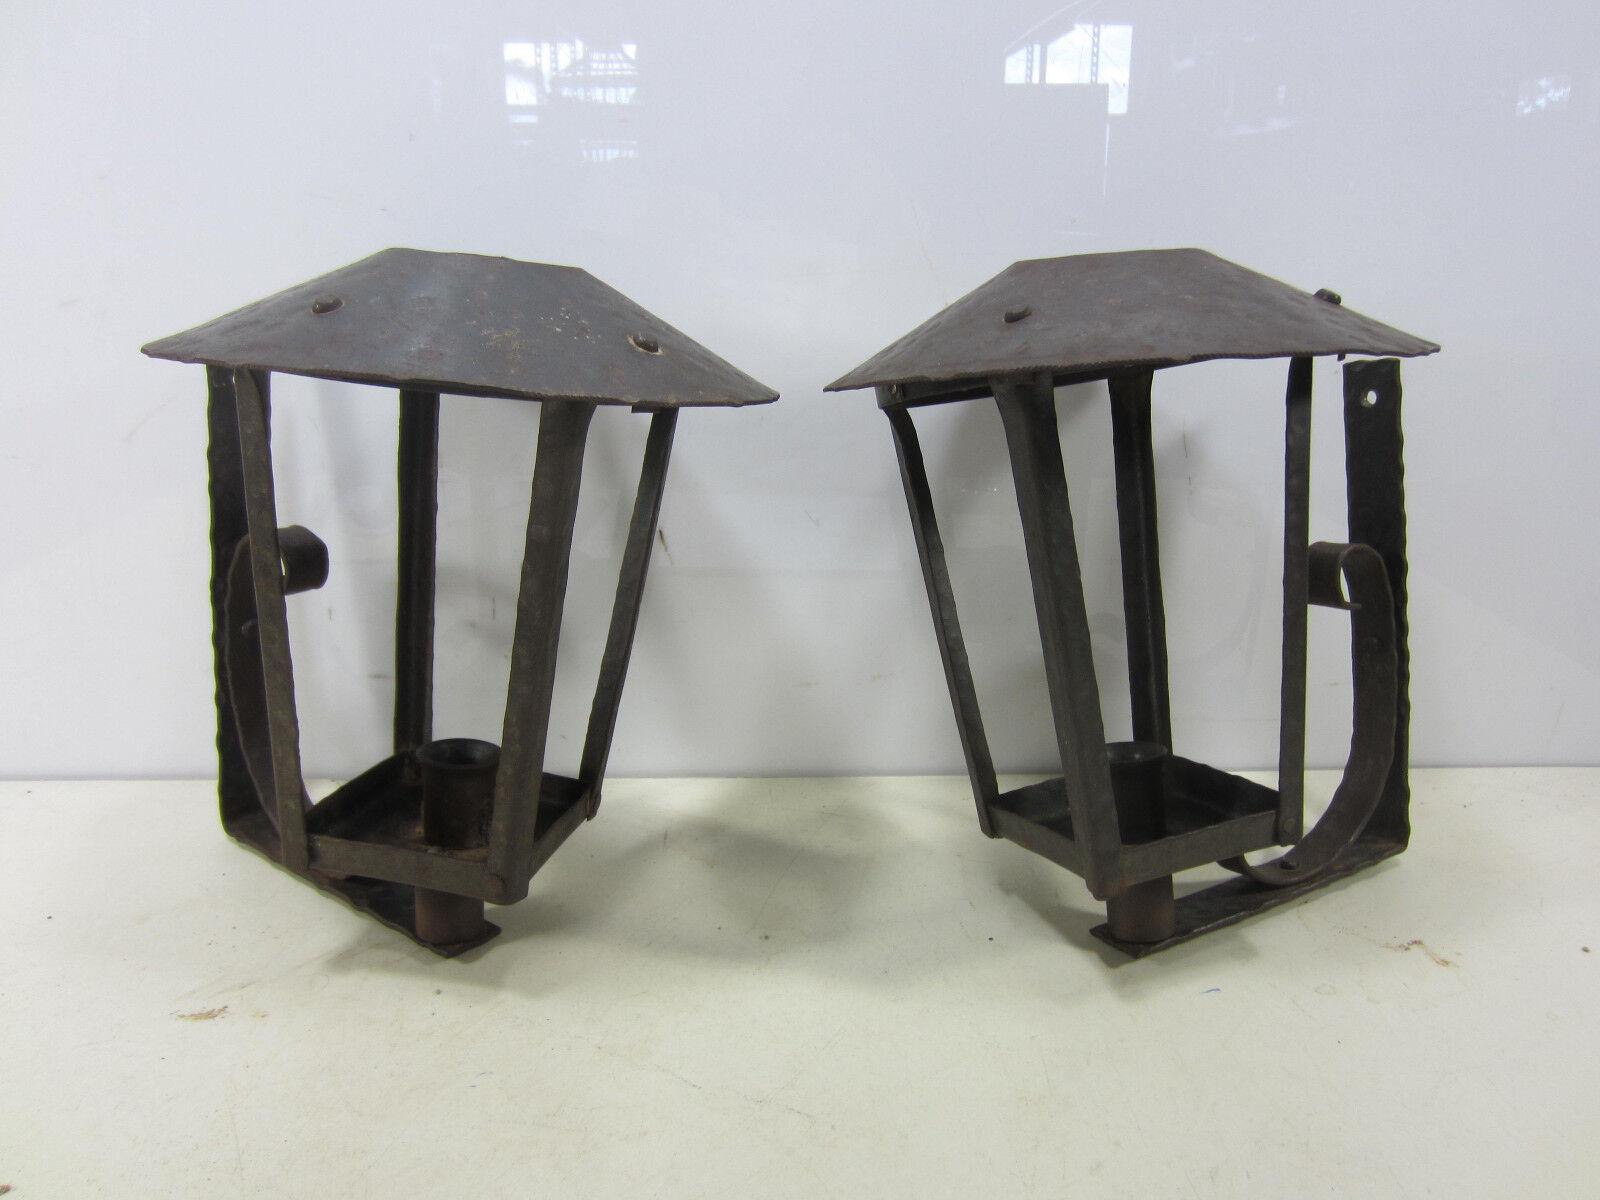 2 Vintage hierro forjado hecho a mano linternas de Parojo al Aire Libre-no eléctricos